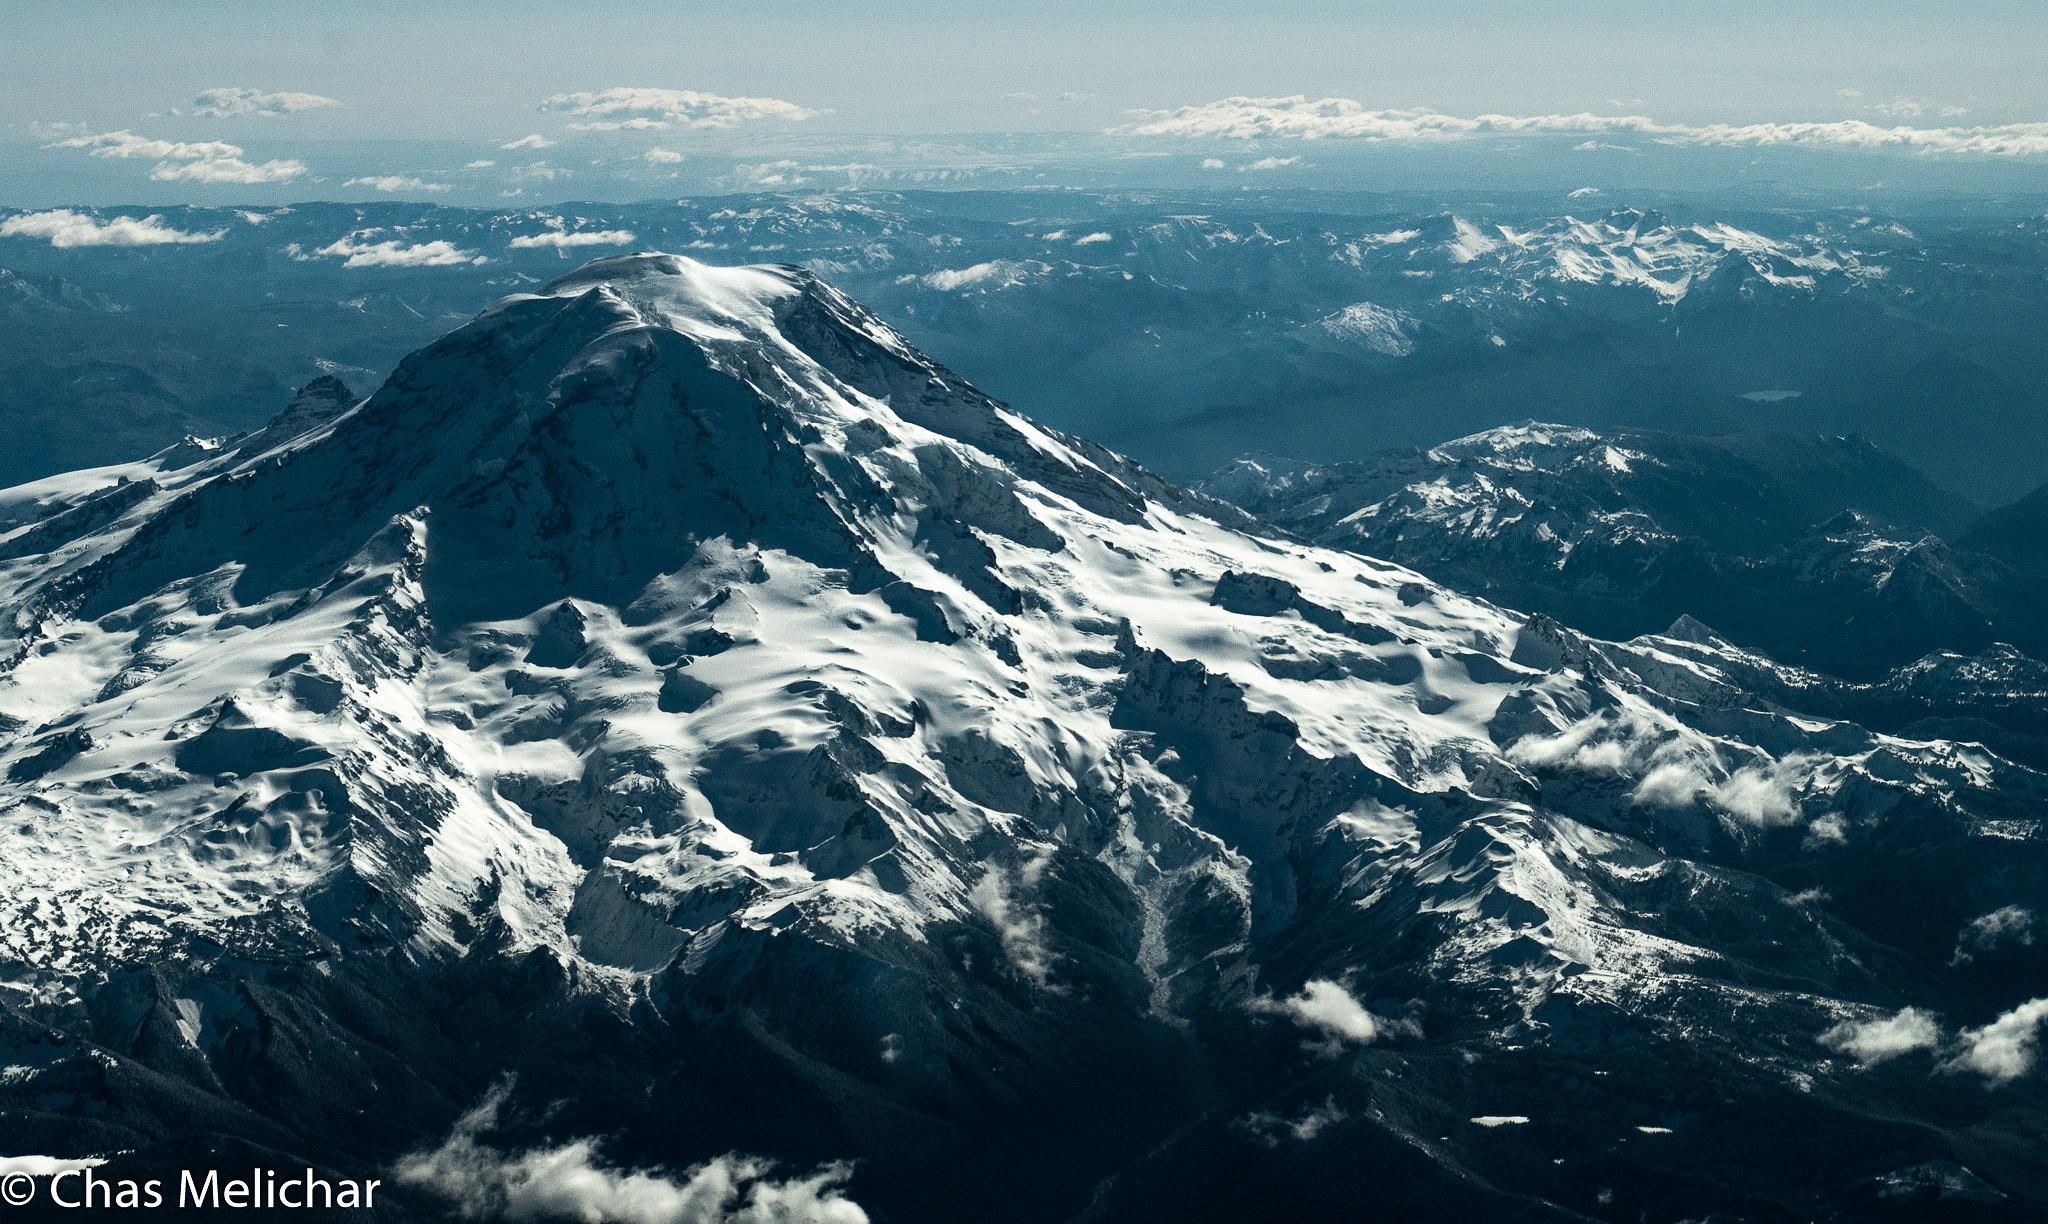 Mt. Reiner by Chas Melichar